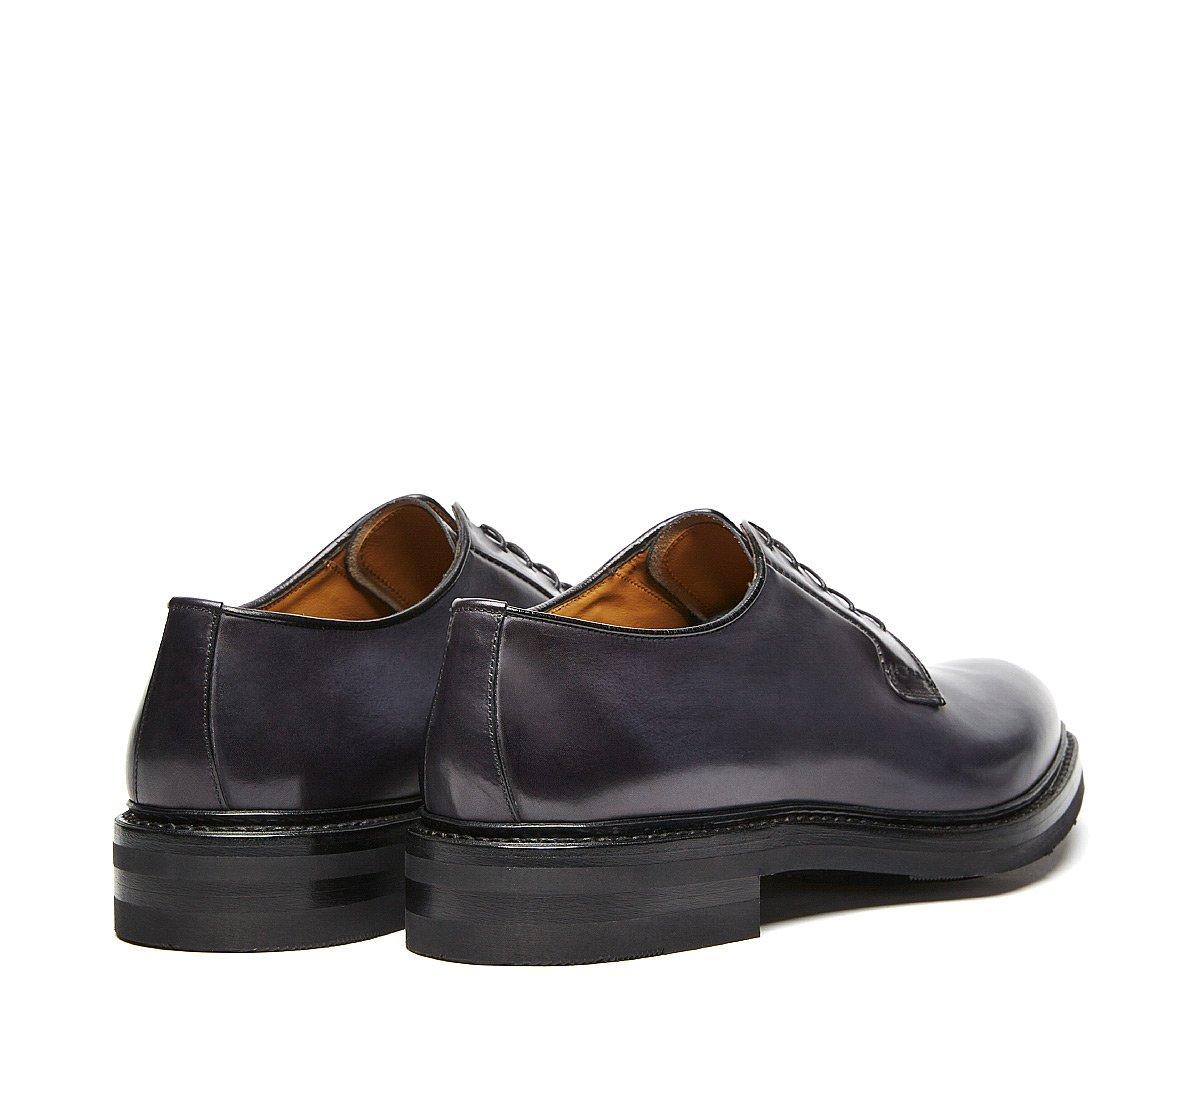 Ботинки на шнурках из высококачественной телячьей кожи с технологией Flex Goodyear